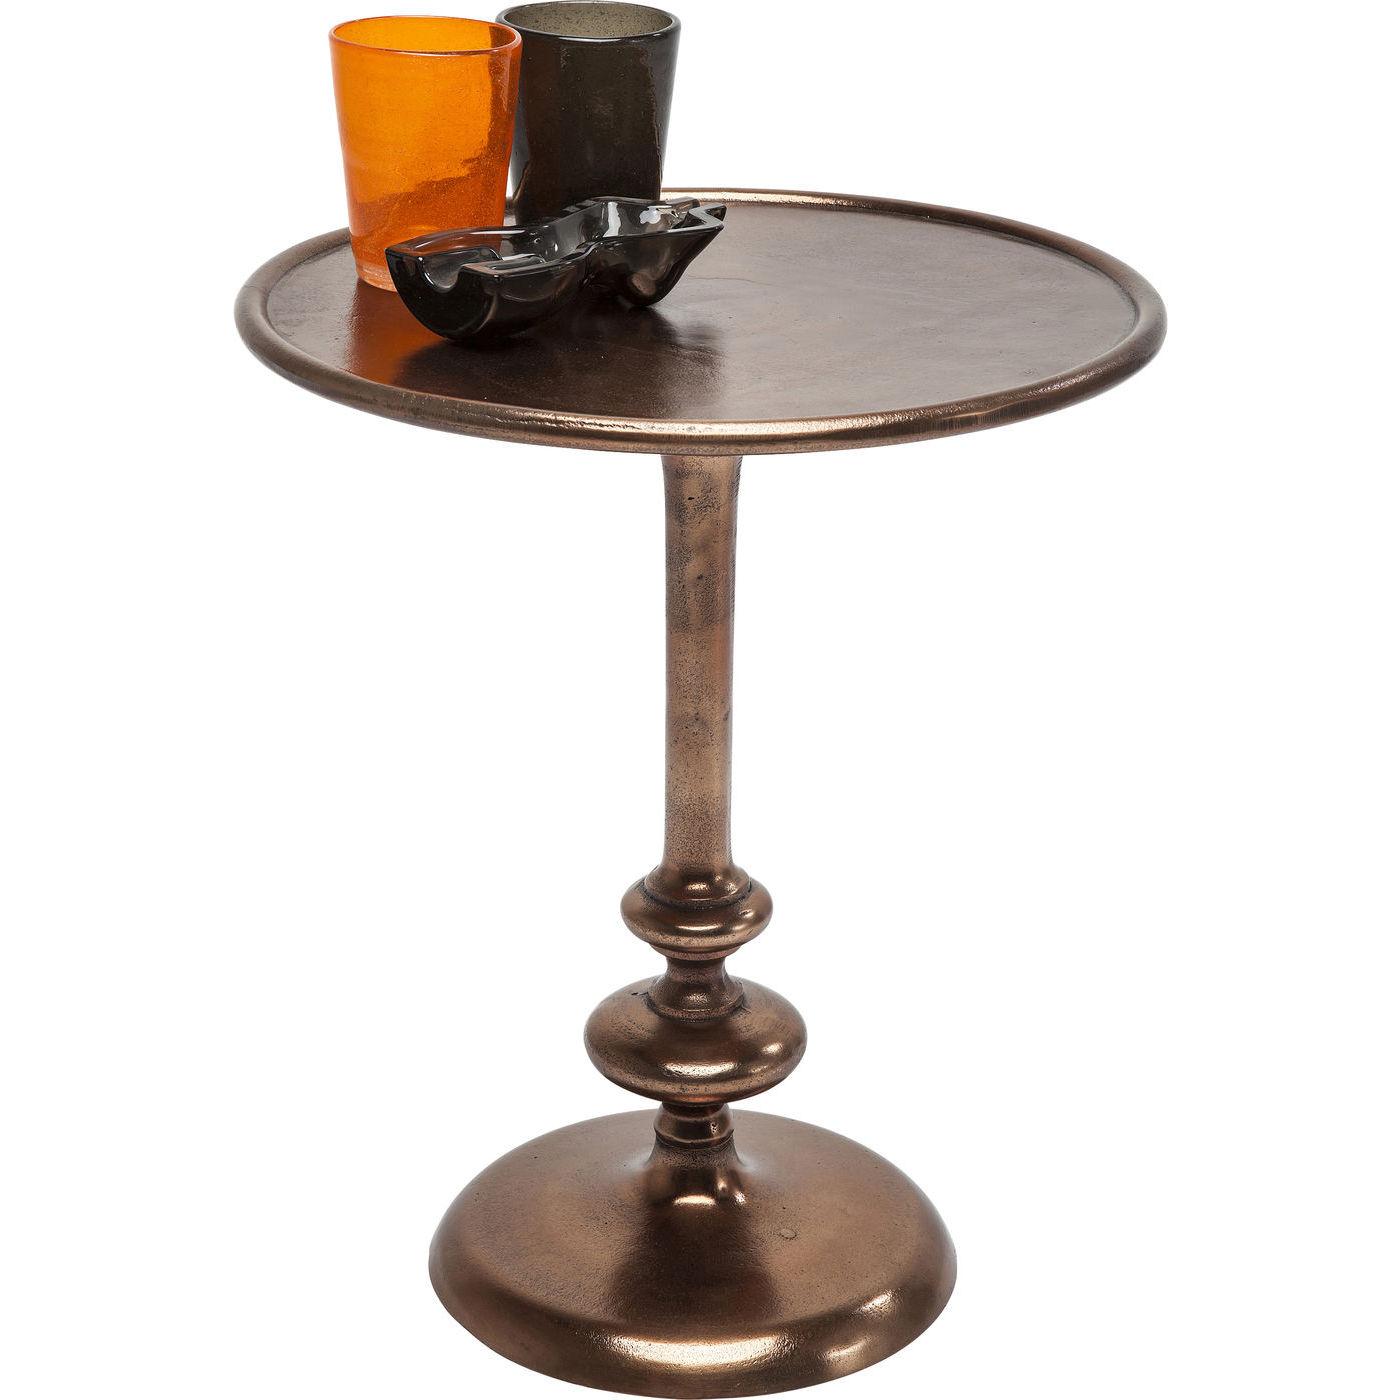 Tisch beistelltisch couchtisch blumentisch ablage kupfer for Kare design tisch rund